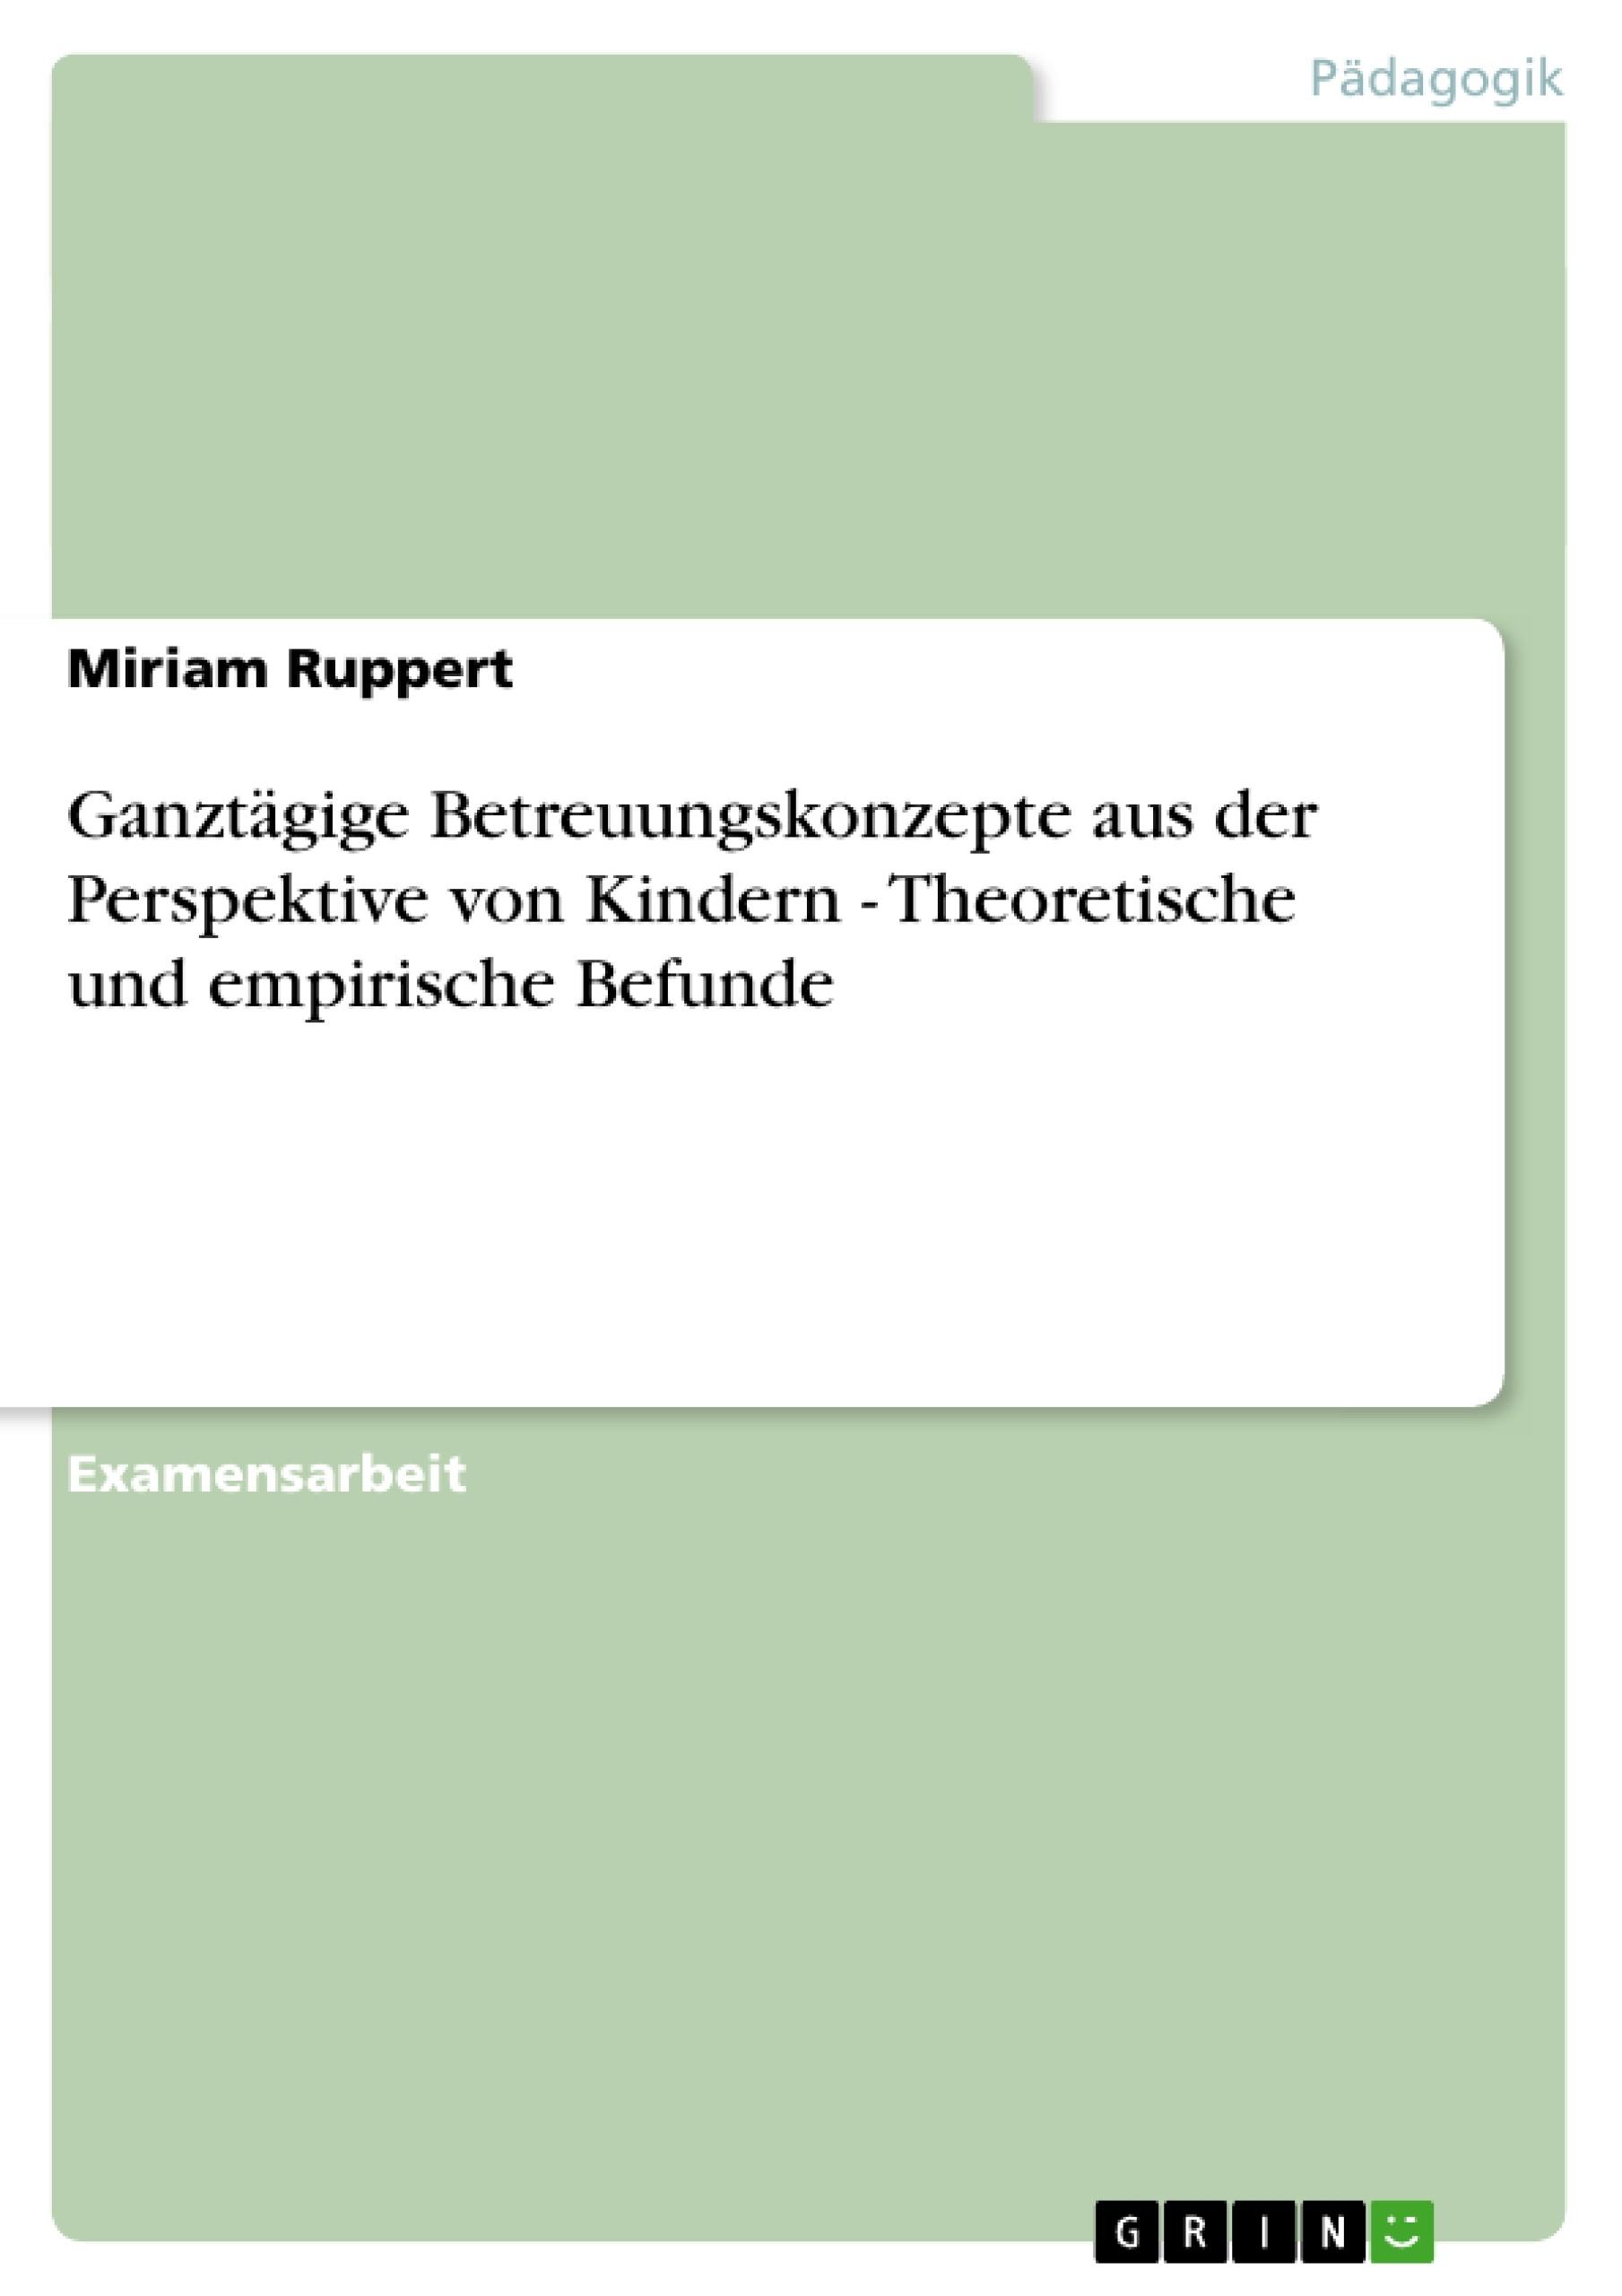 Titel: Ganztägige Betreuungskonzepte aus der Perspektive von Kindern - Theoretische und empirische Befunde